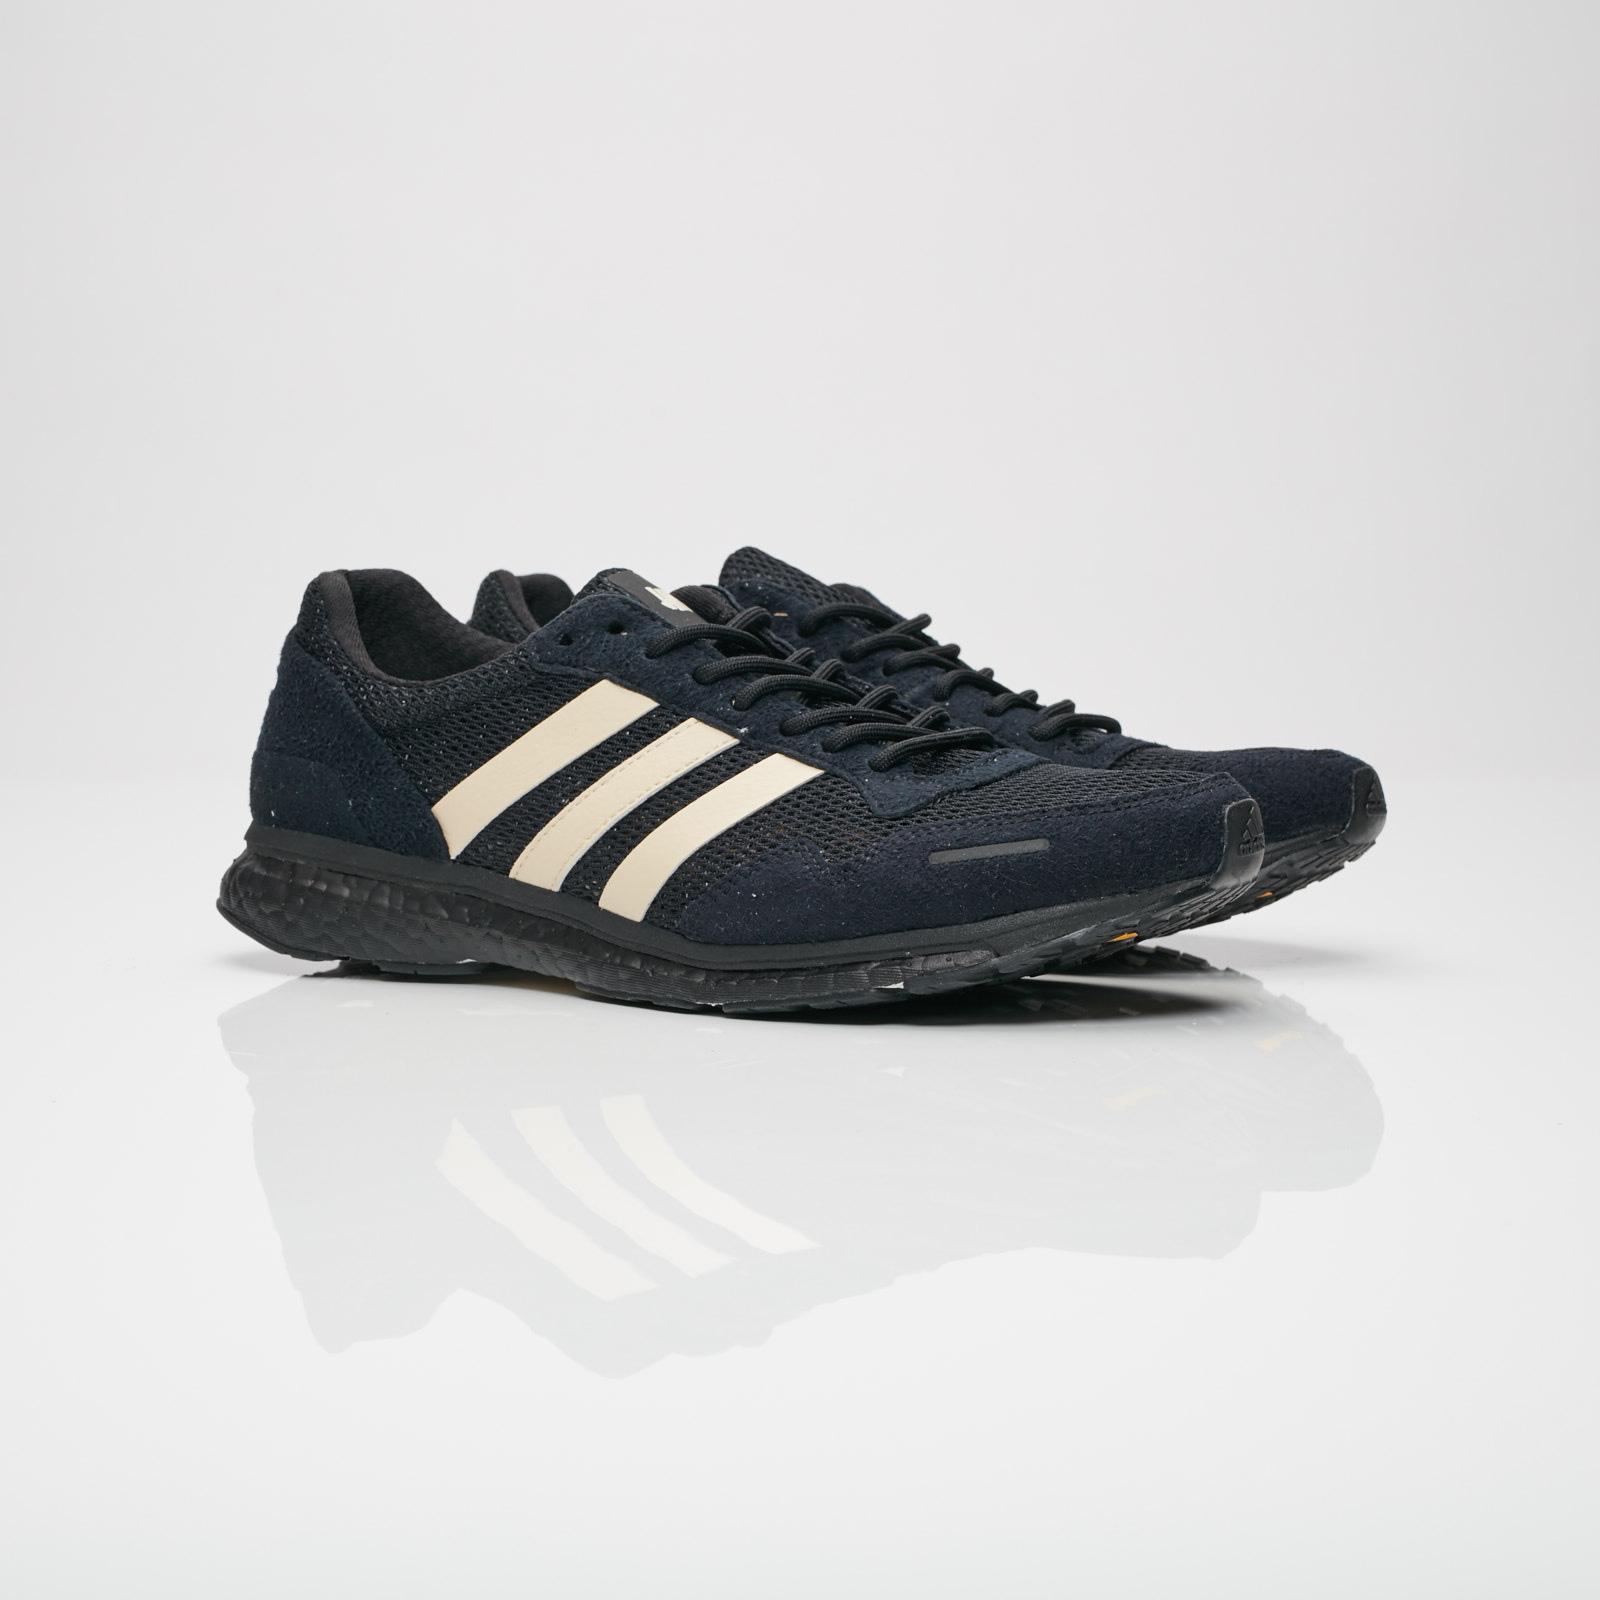 adidas x UNDFTD Adizero Adios 3 | Grau | Sneaker | BC0470